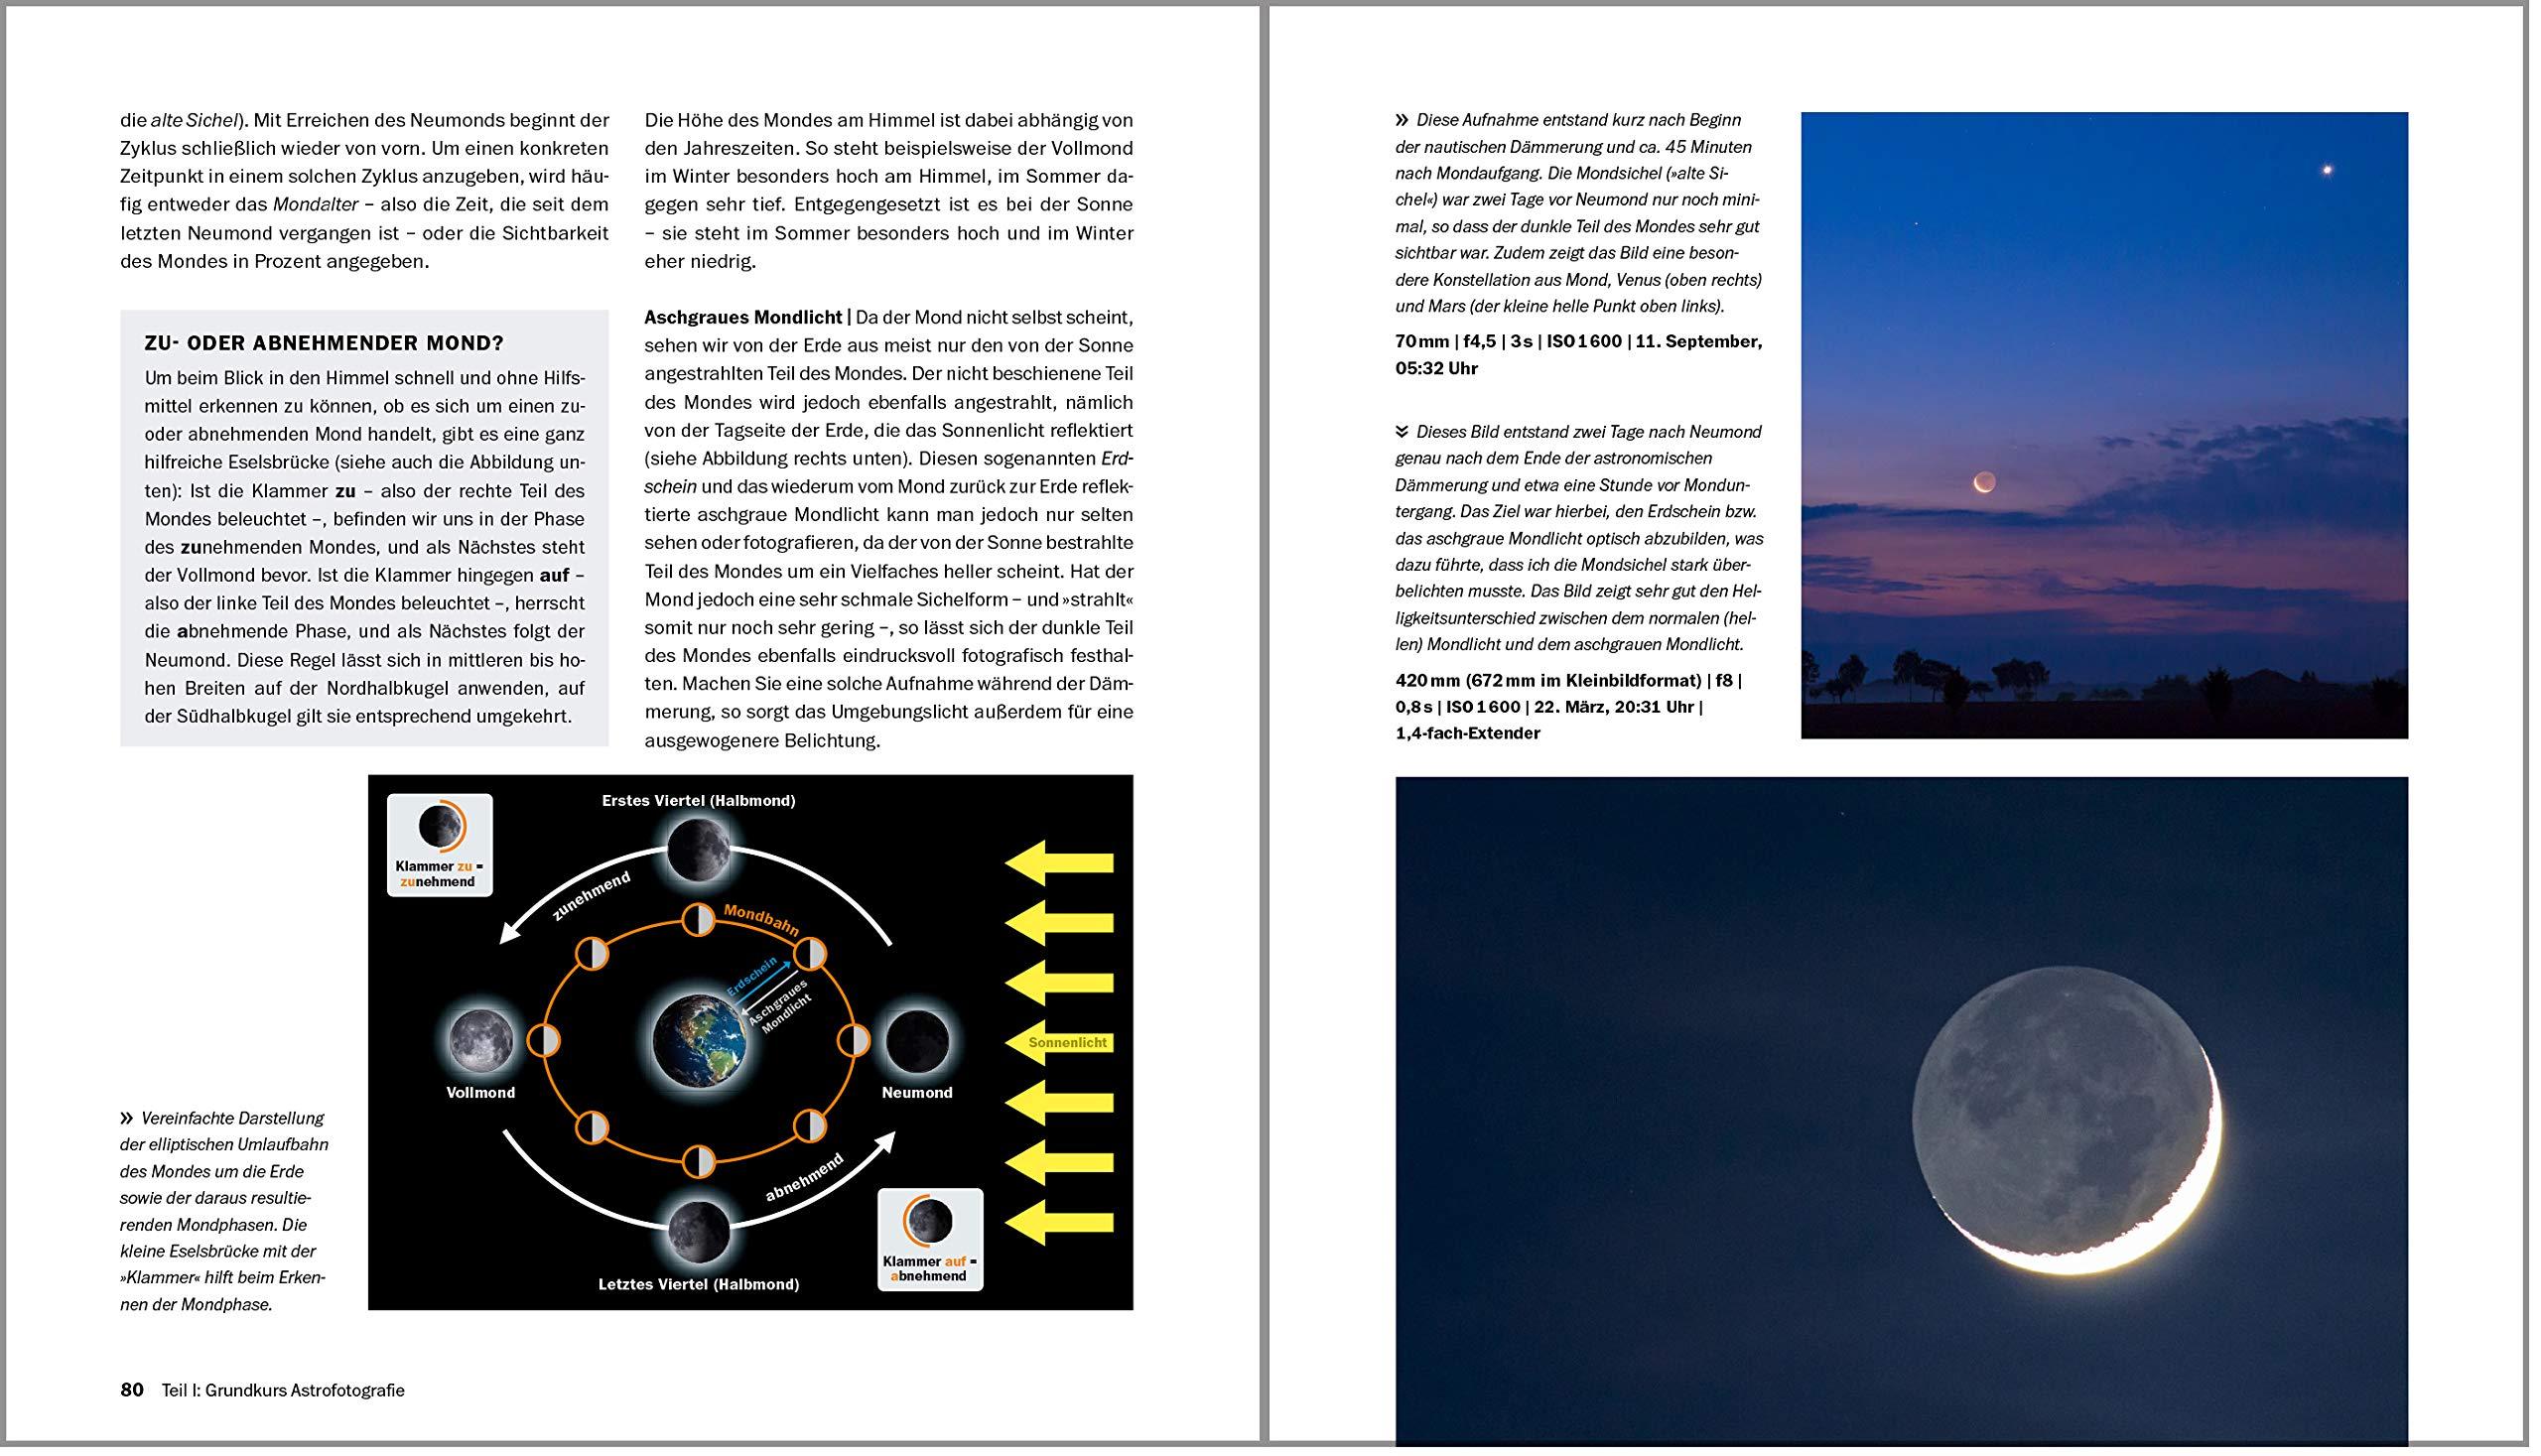 Astrofotografie: Spektakuläre Bilder ohne Spezialausrüstung ...